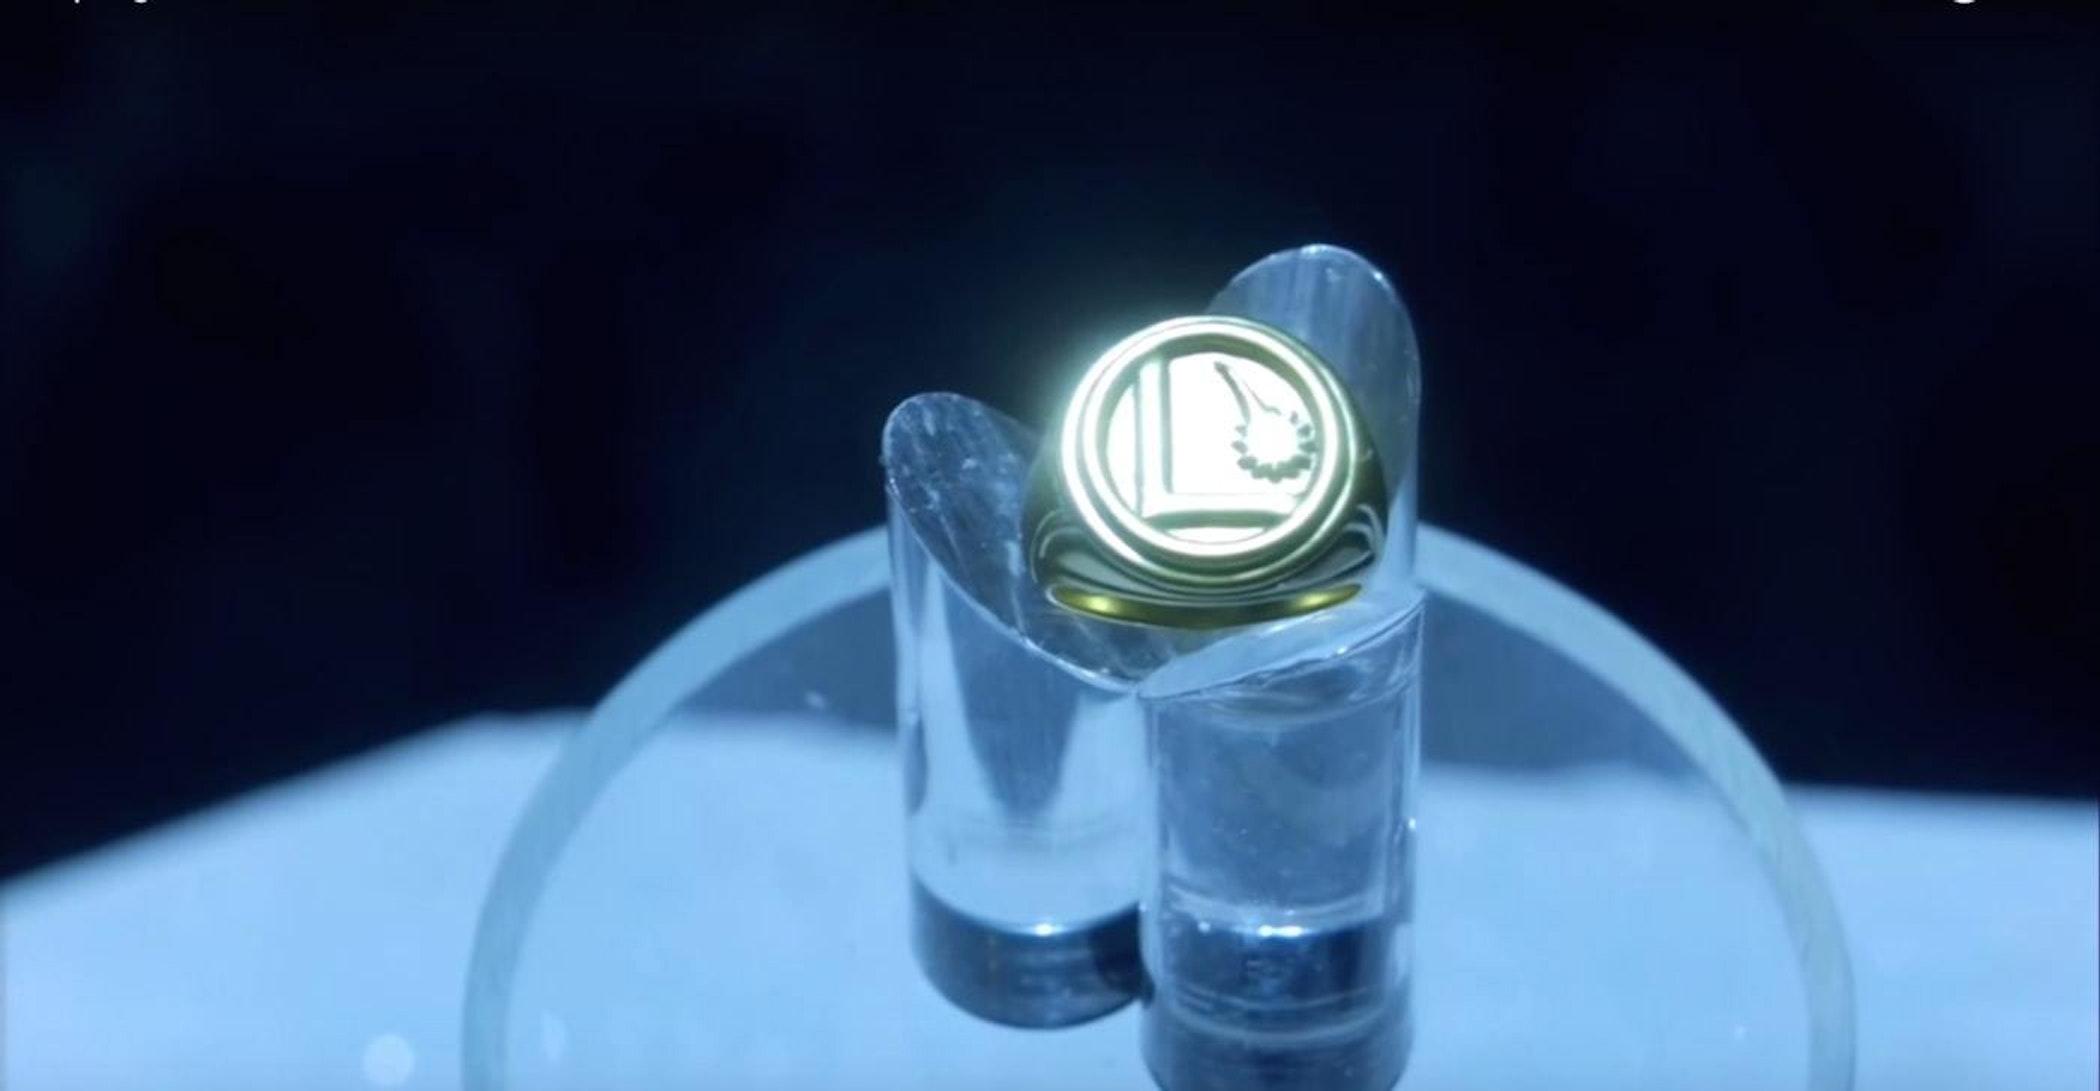 The Legion of Flight ring, in 'Supergirl' Season 1.